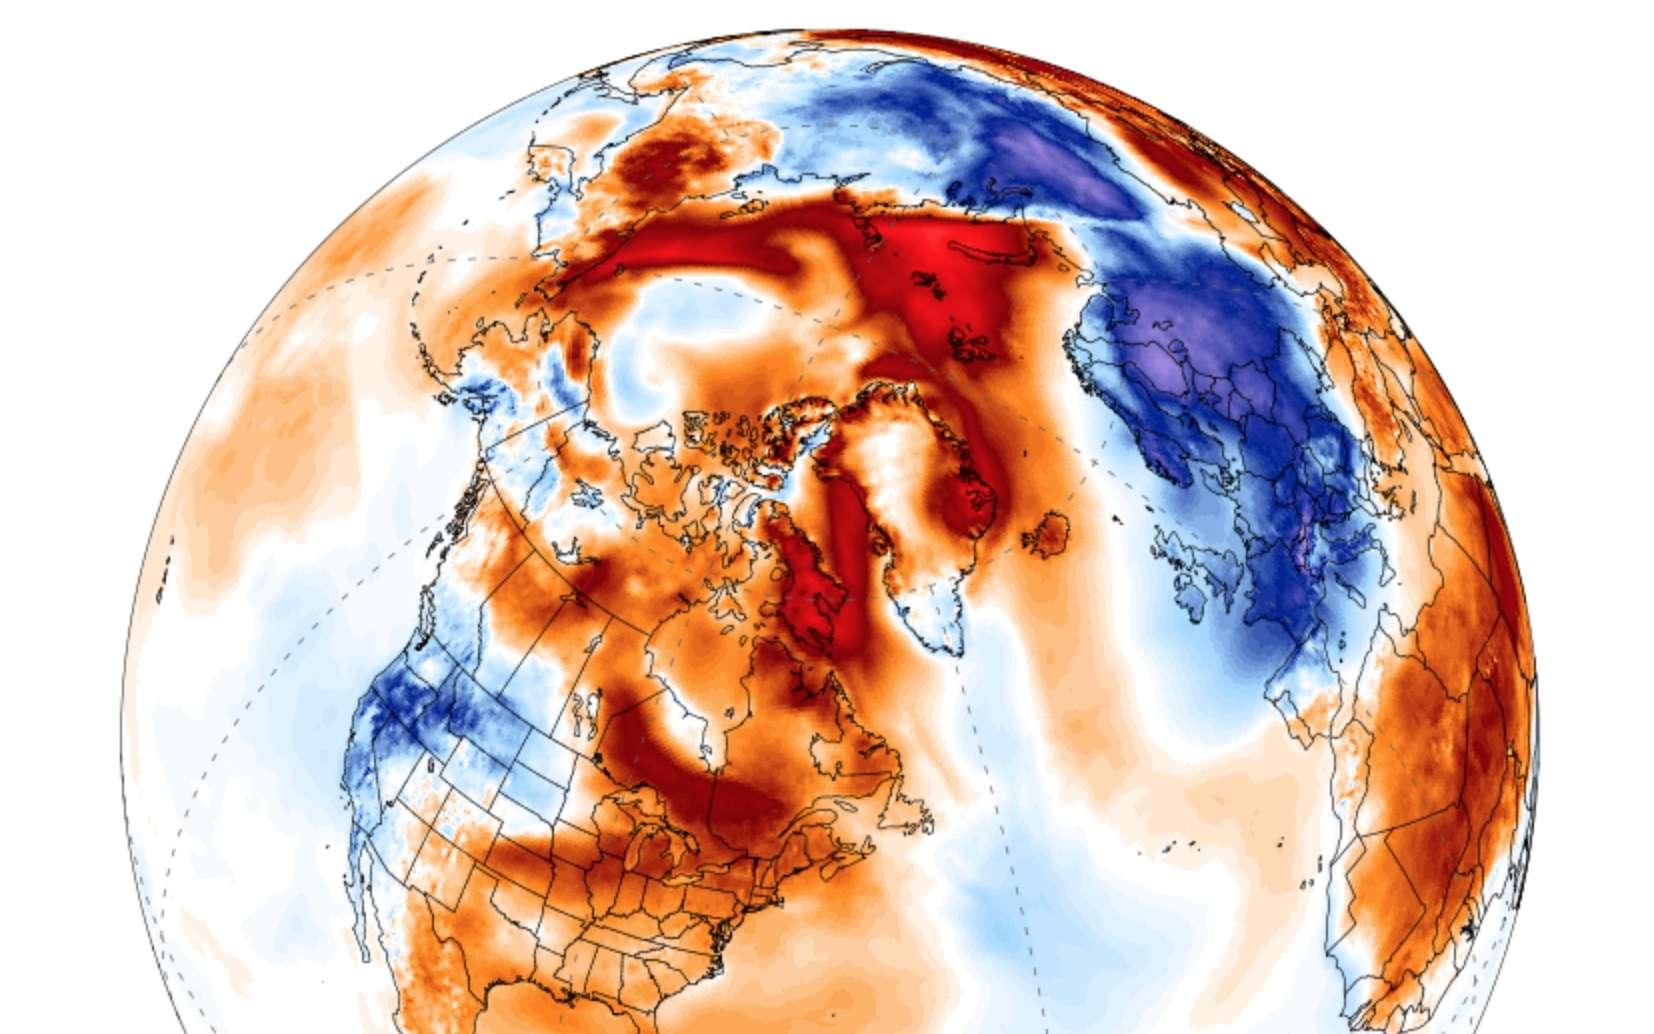 Carte des anomalies de température dans le monde le 27 février 2018. Les écarts de température avec les normales saisonnières atteignent +20 °C à certains endroits en Arctique ; +15 °C le 26 février à la station météo du cap Morris Jesup, au Groenland. À la même date, l'Europe de l'Ouest enregistrait des anomalies de température atteignant jusqu'à -10 °C. © ClimateReanalyser.org, université du Maine, Climate Change Institute